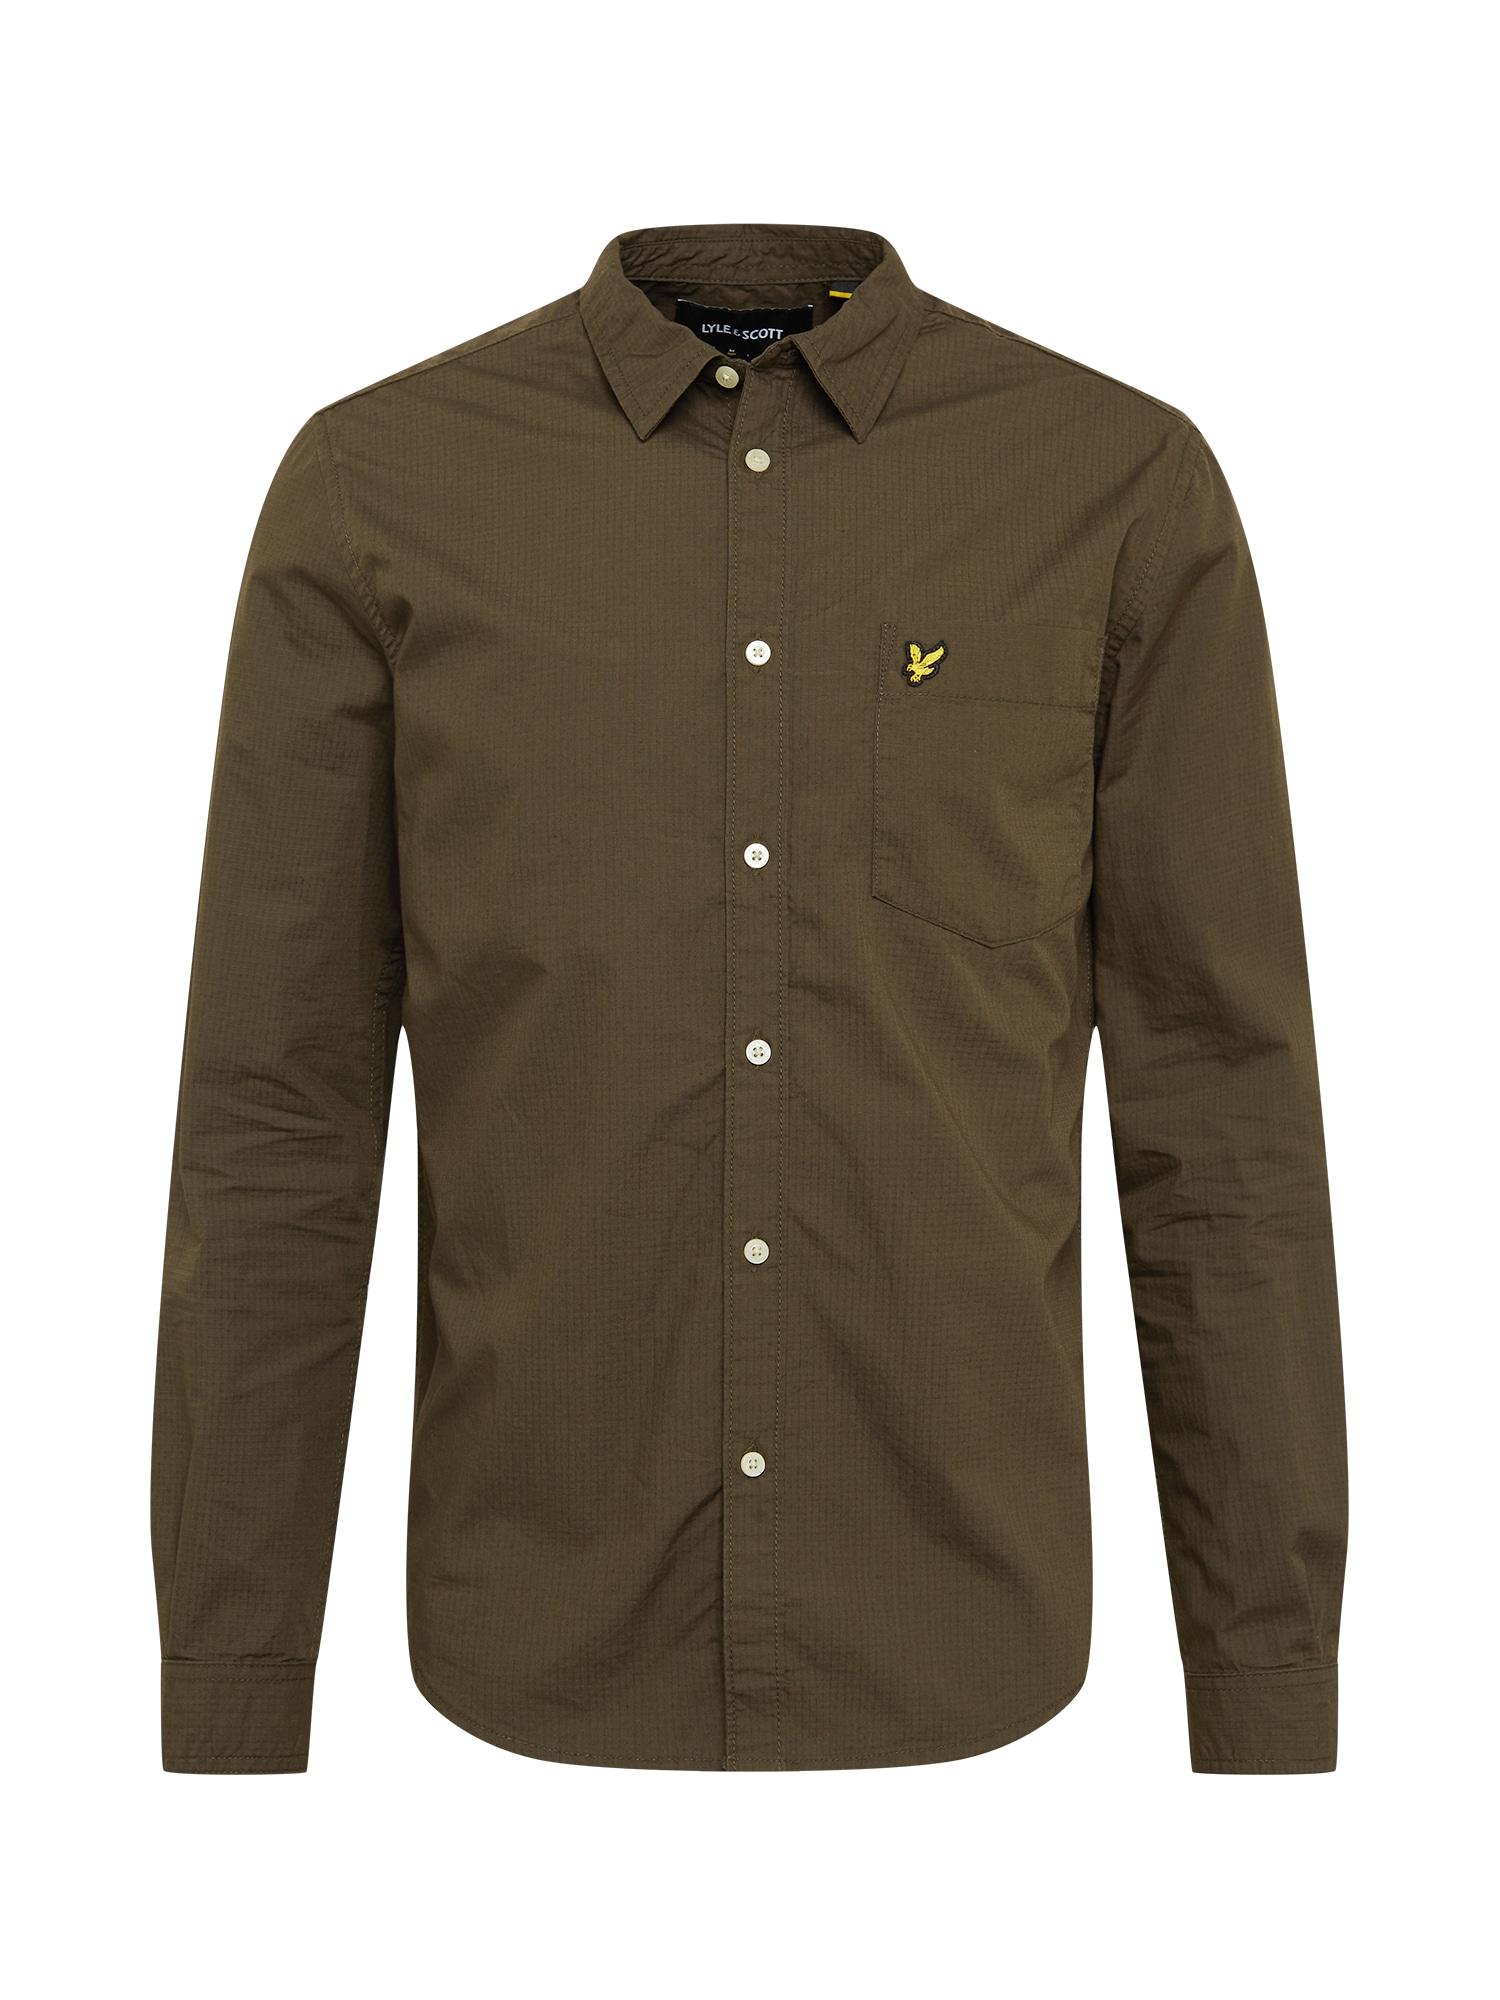 Lyle & Scott Dalykinio stiliaus marškiniai tamsiai žalia